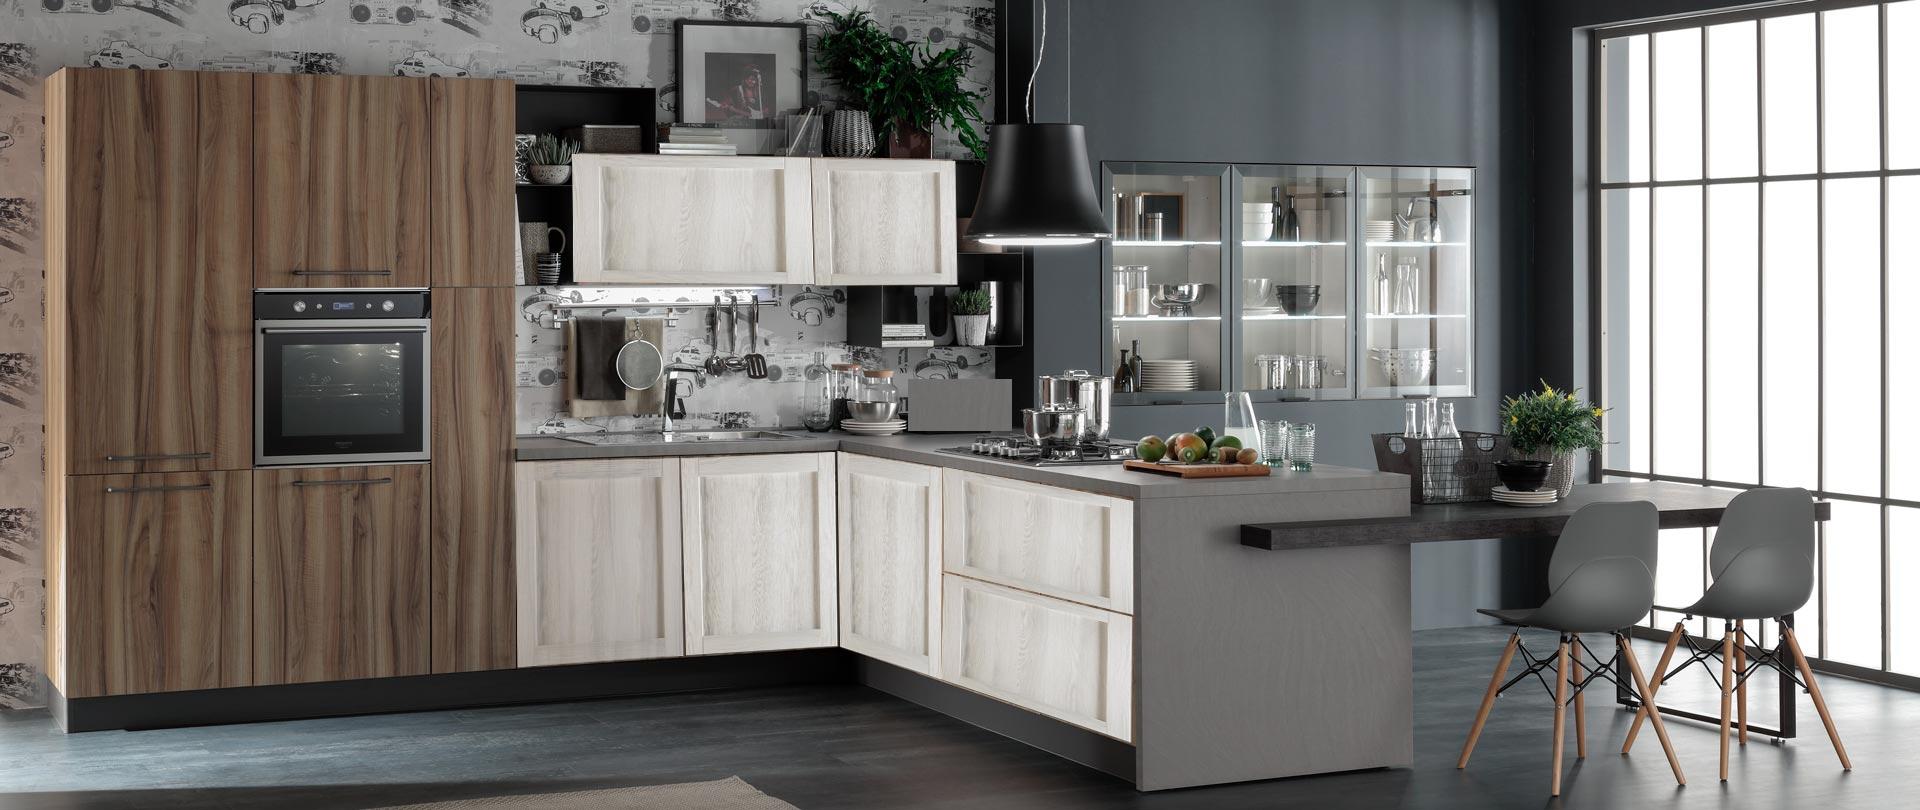 Cucina nuovi mondi cucine cucina con penisola living con for Cucine moderne con penisola